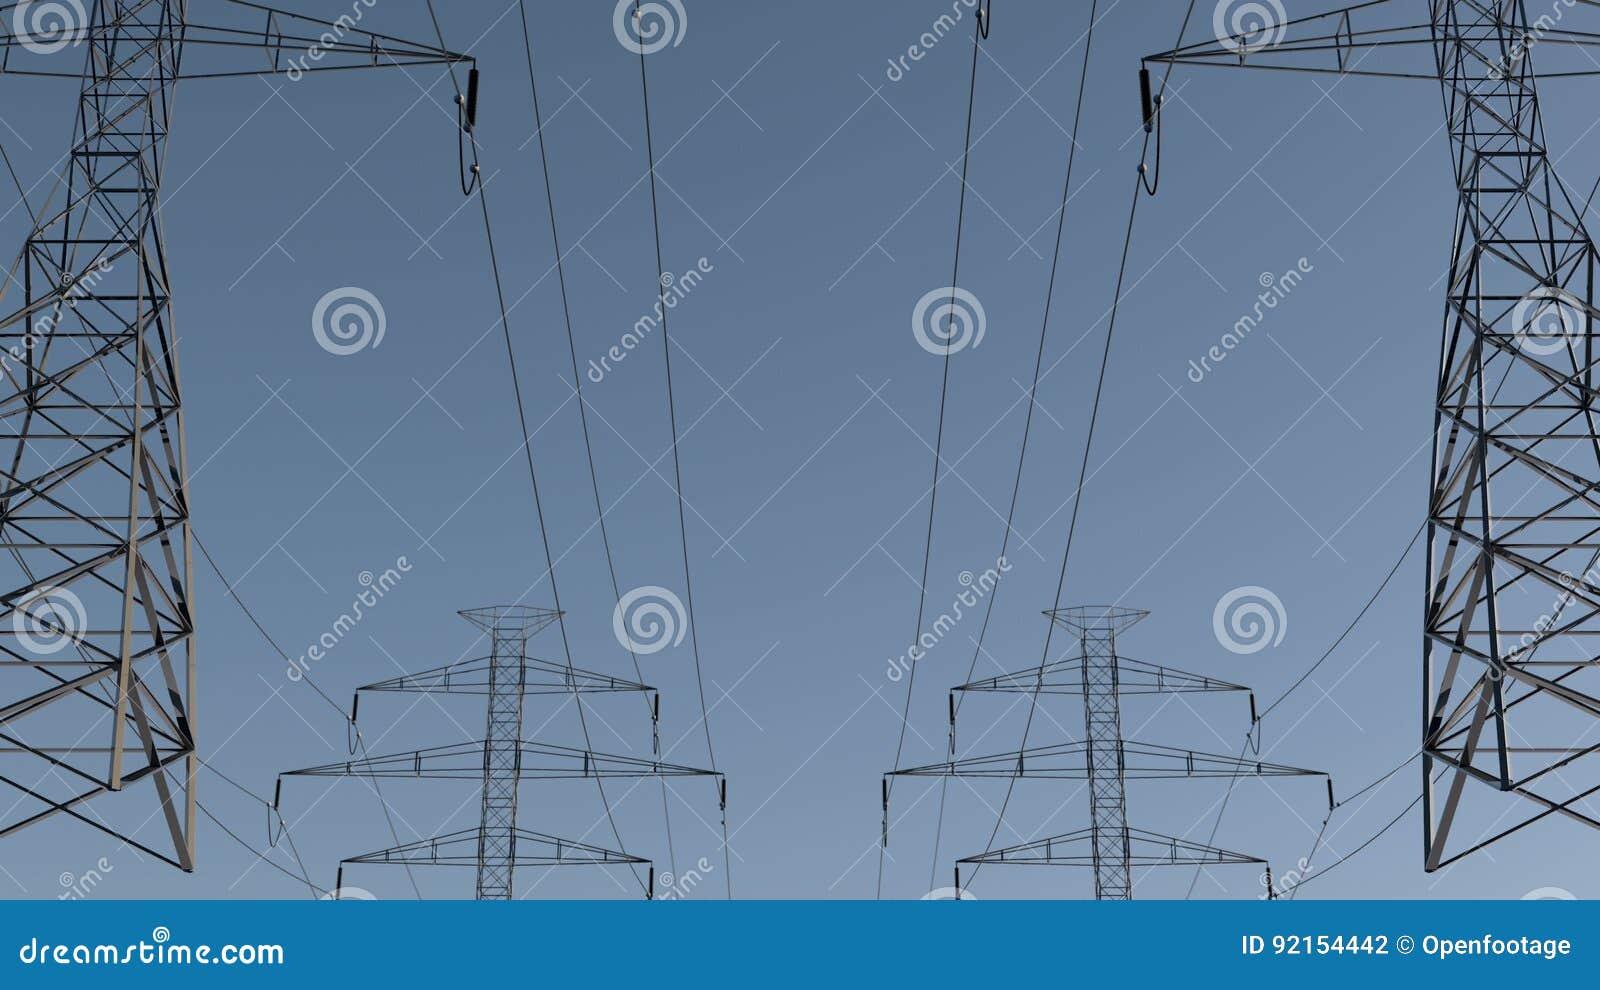 Lignes électriques Et Pylônes électriques Sous Le Ciel Conception D